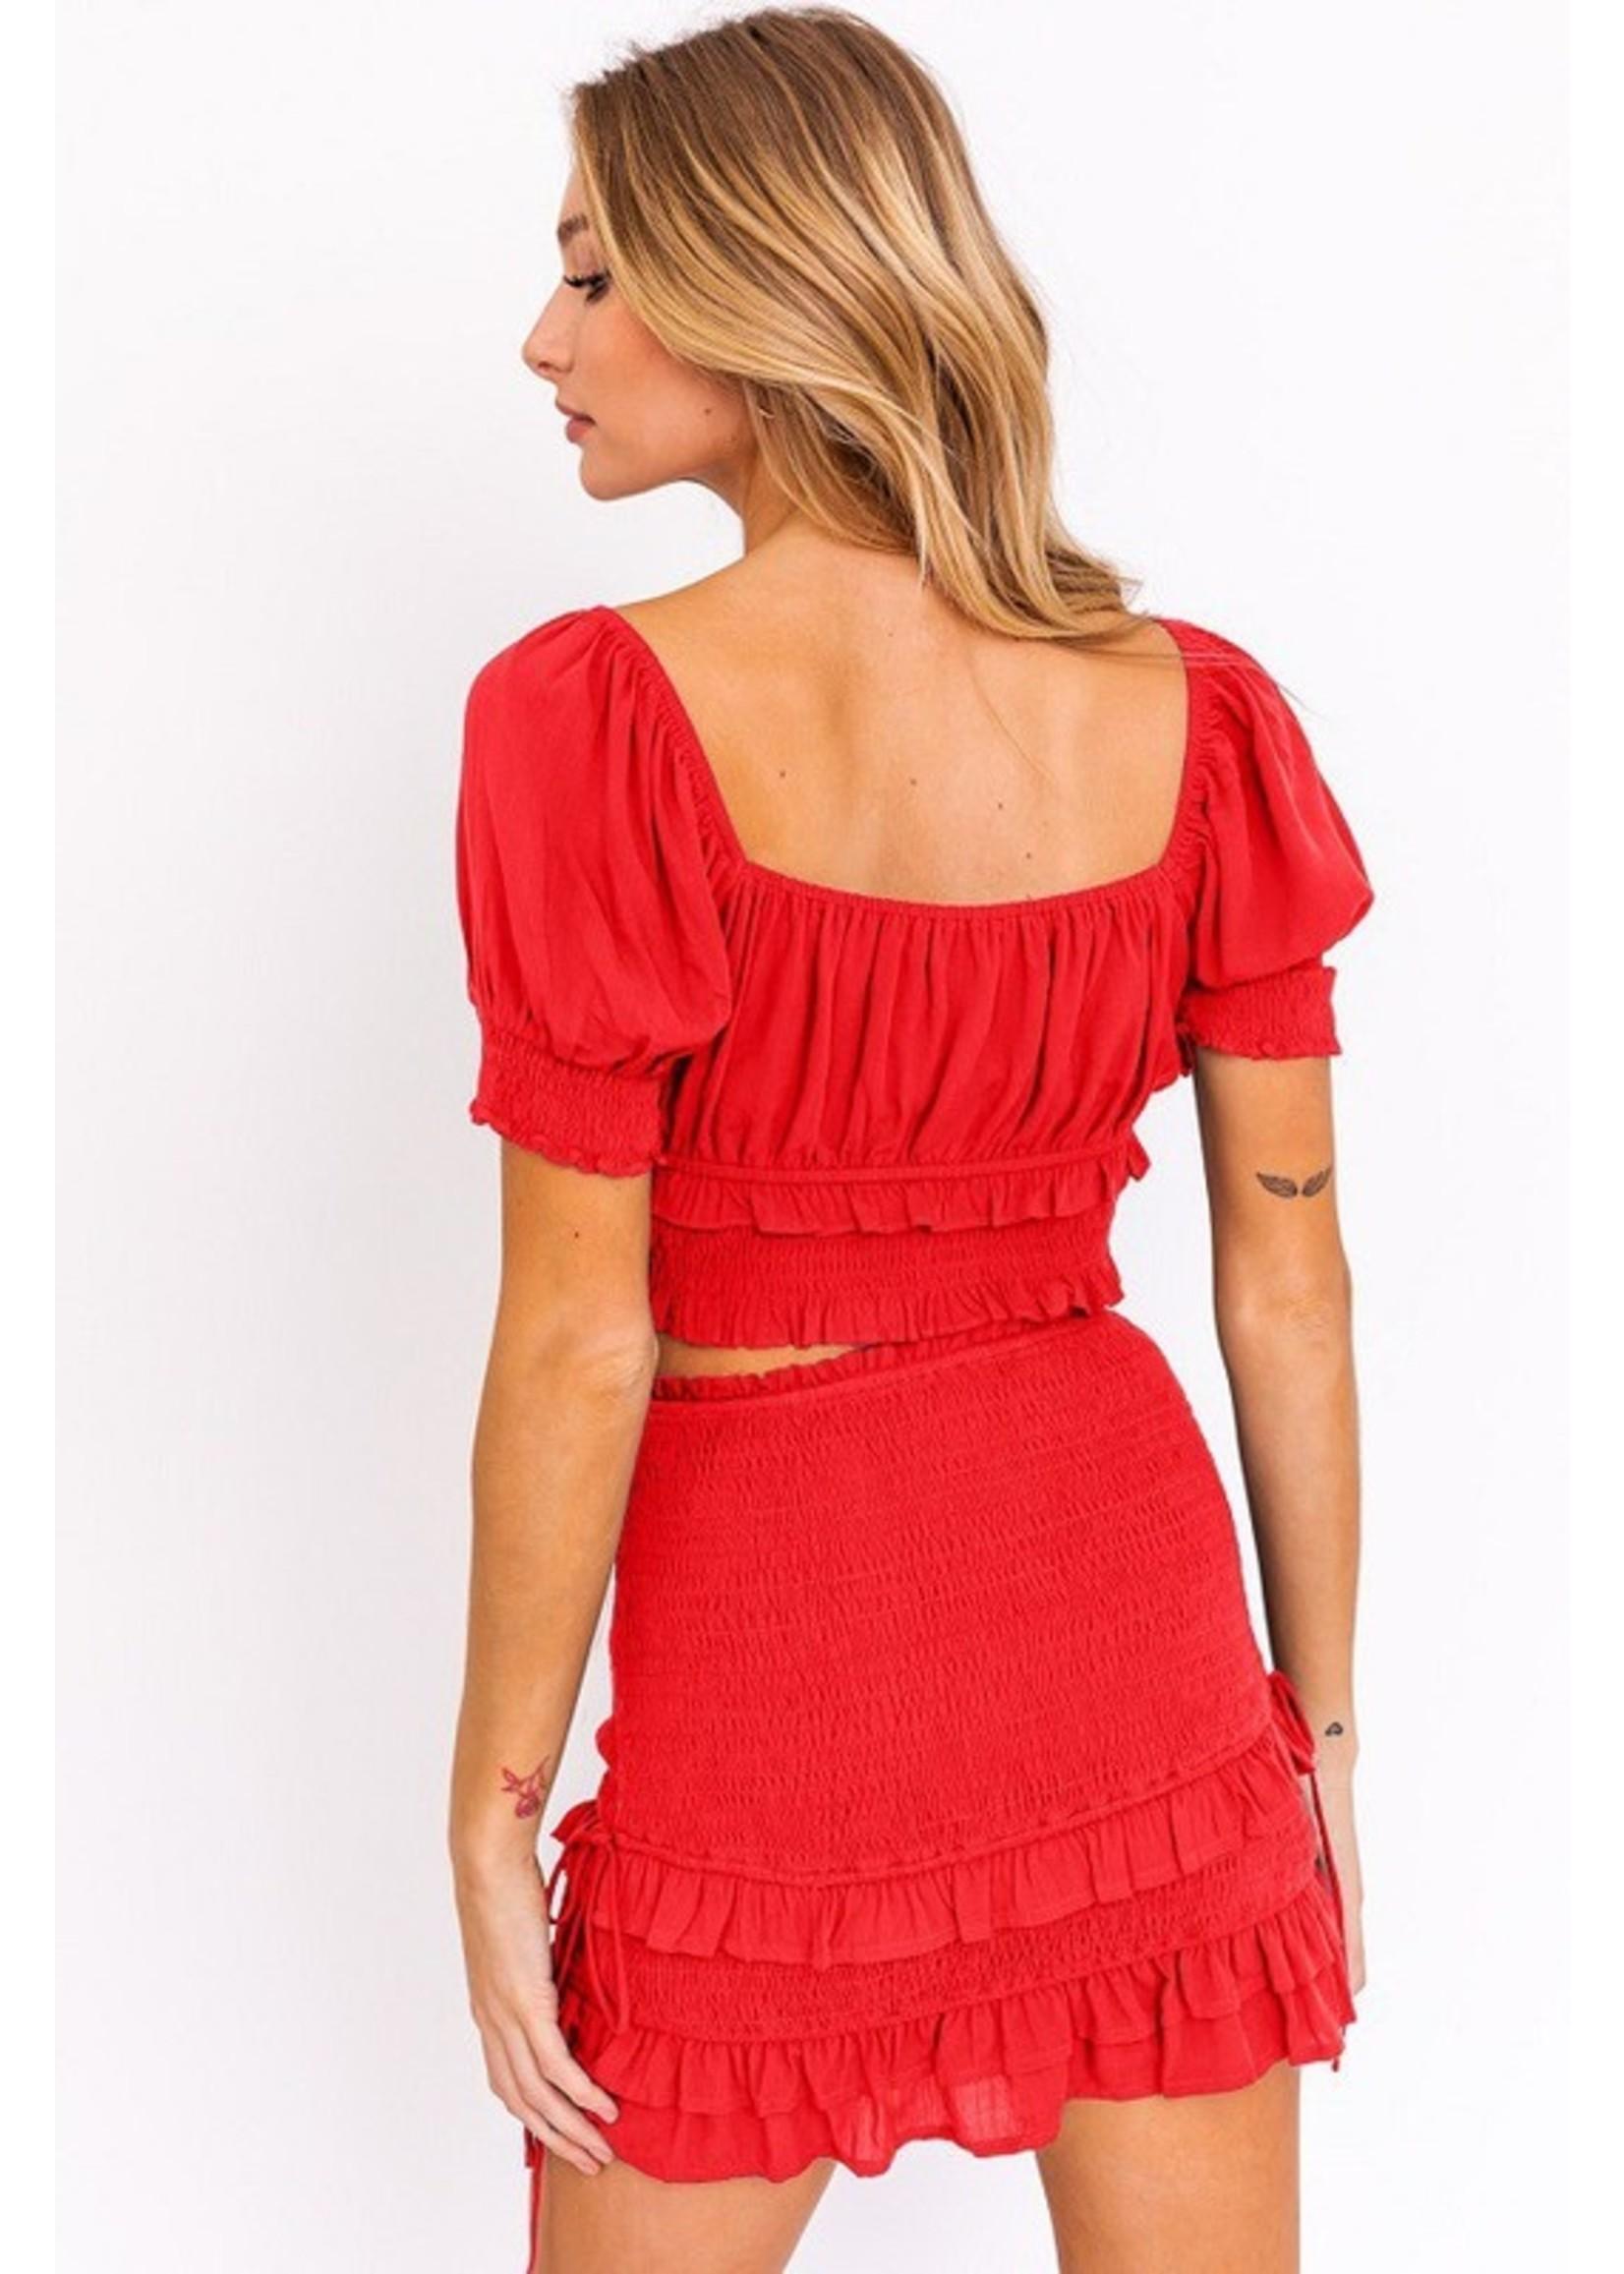 Le Lis Ruffled Detail Smocked Skirt -SS6055-3